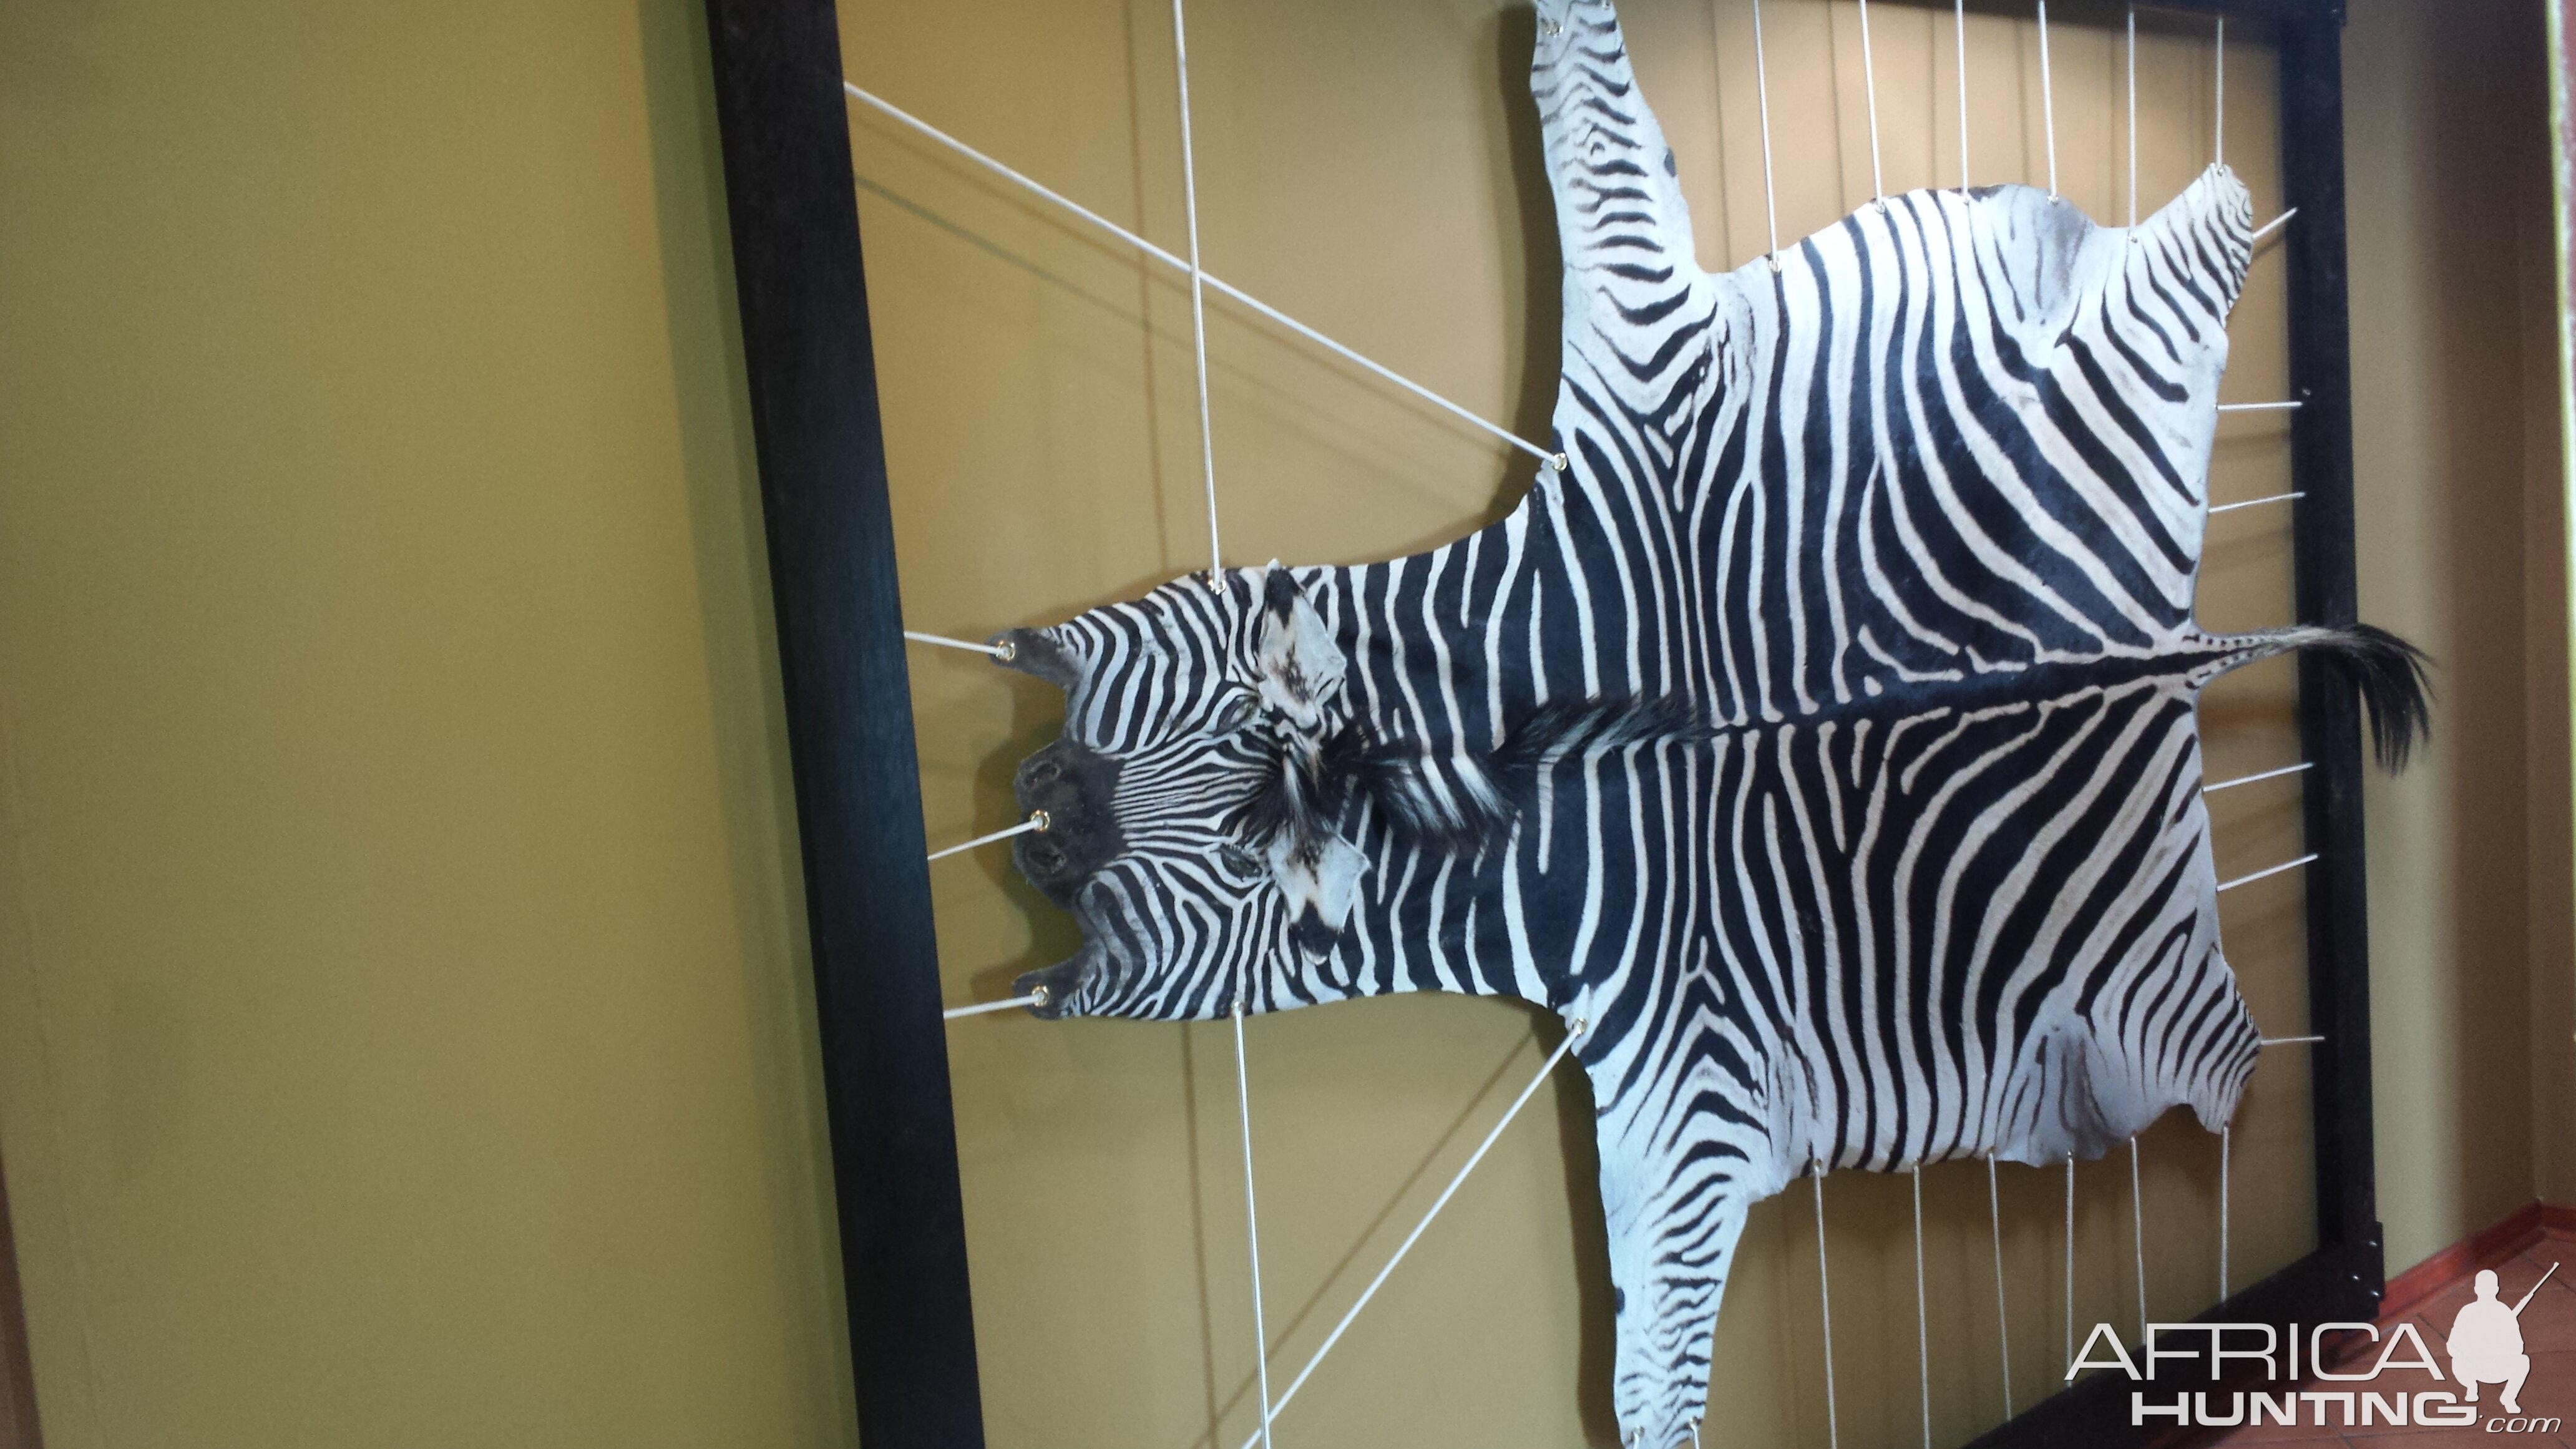 Zebra hide framed | Hunting